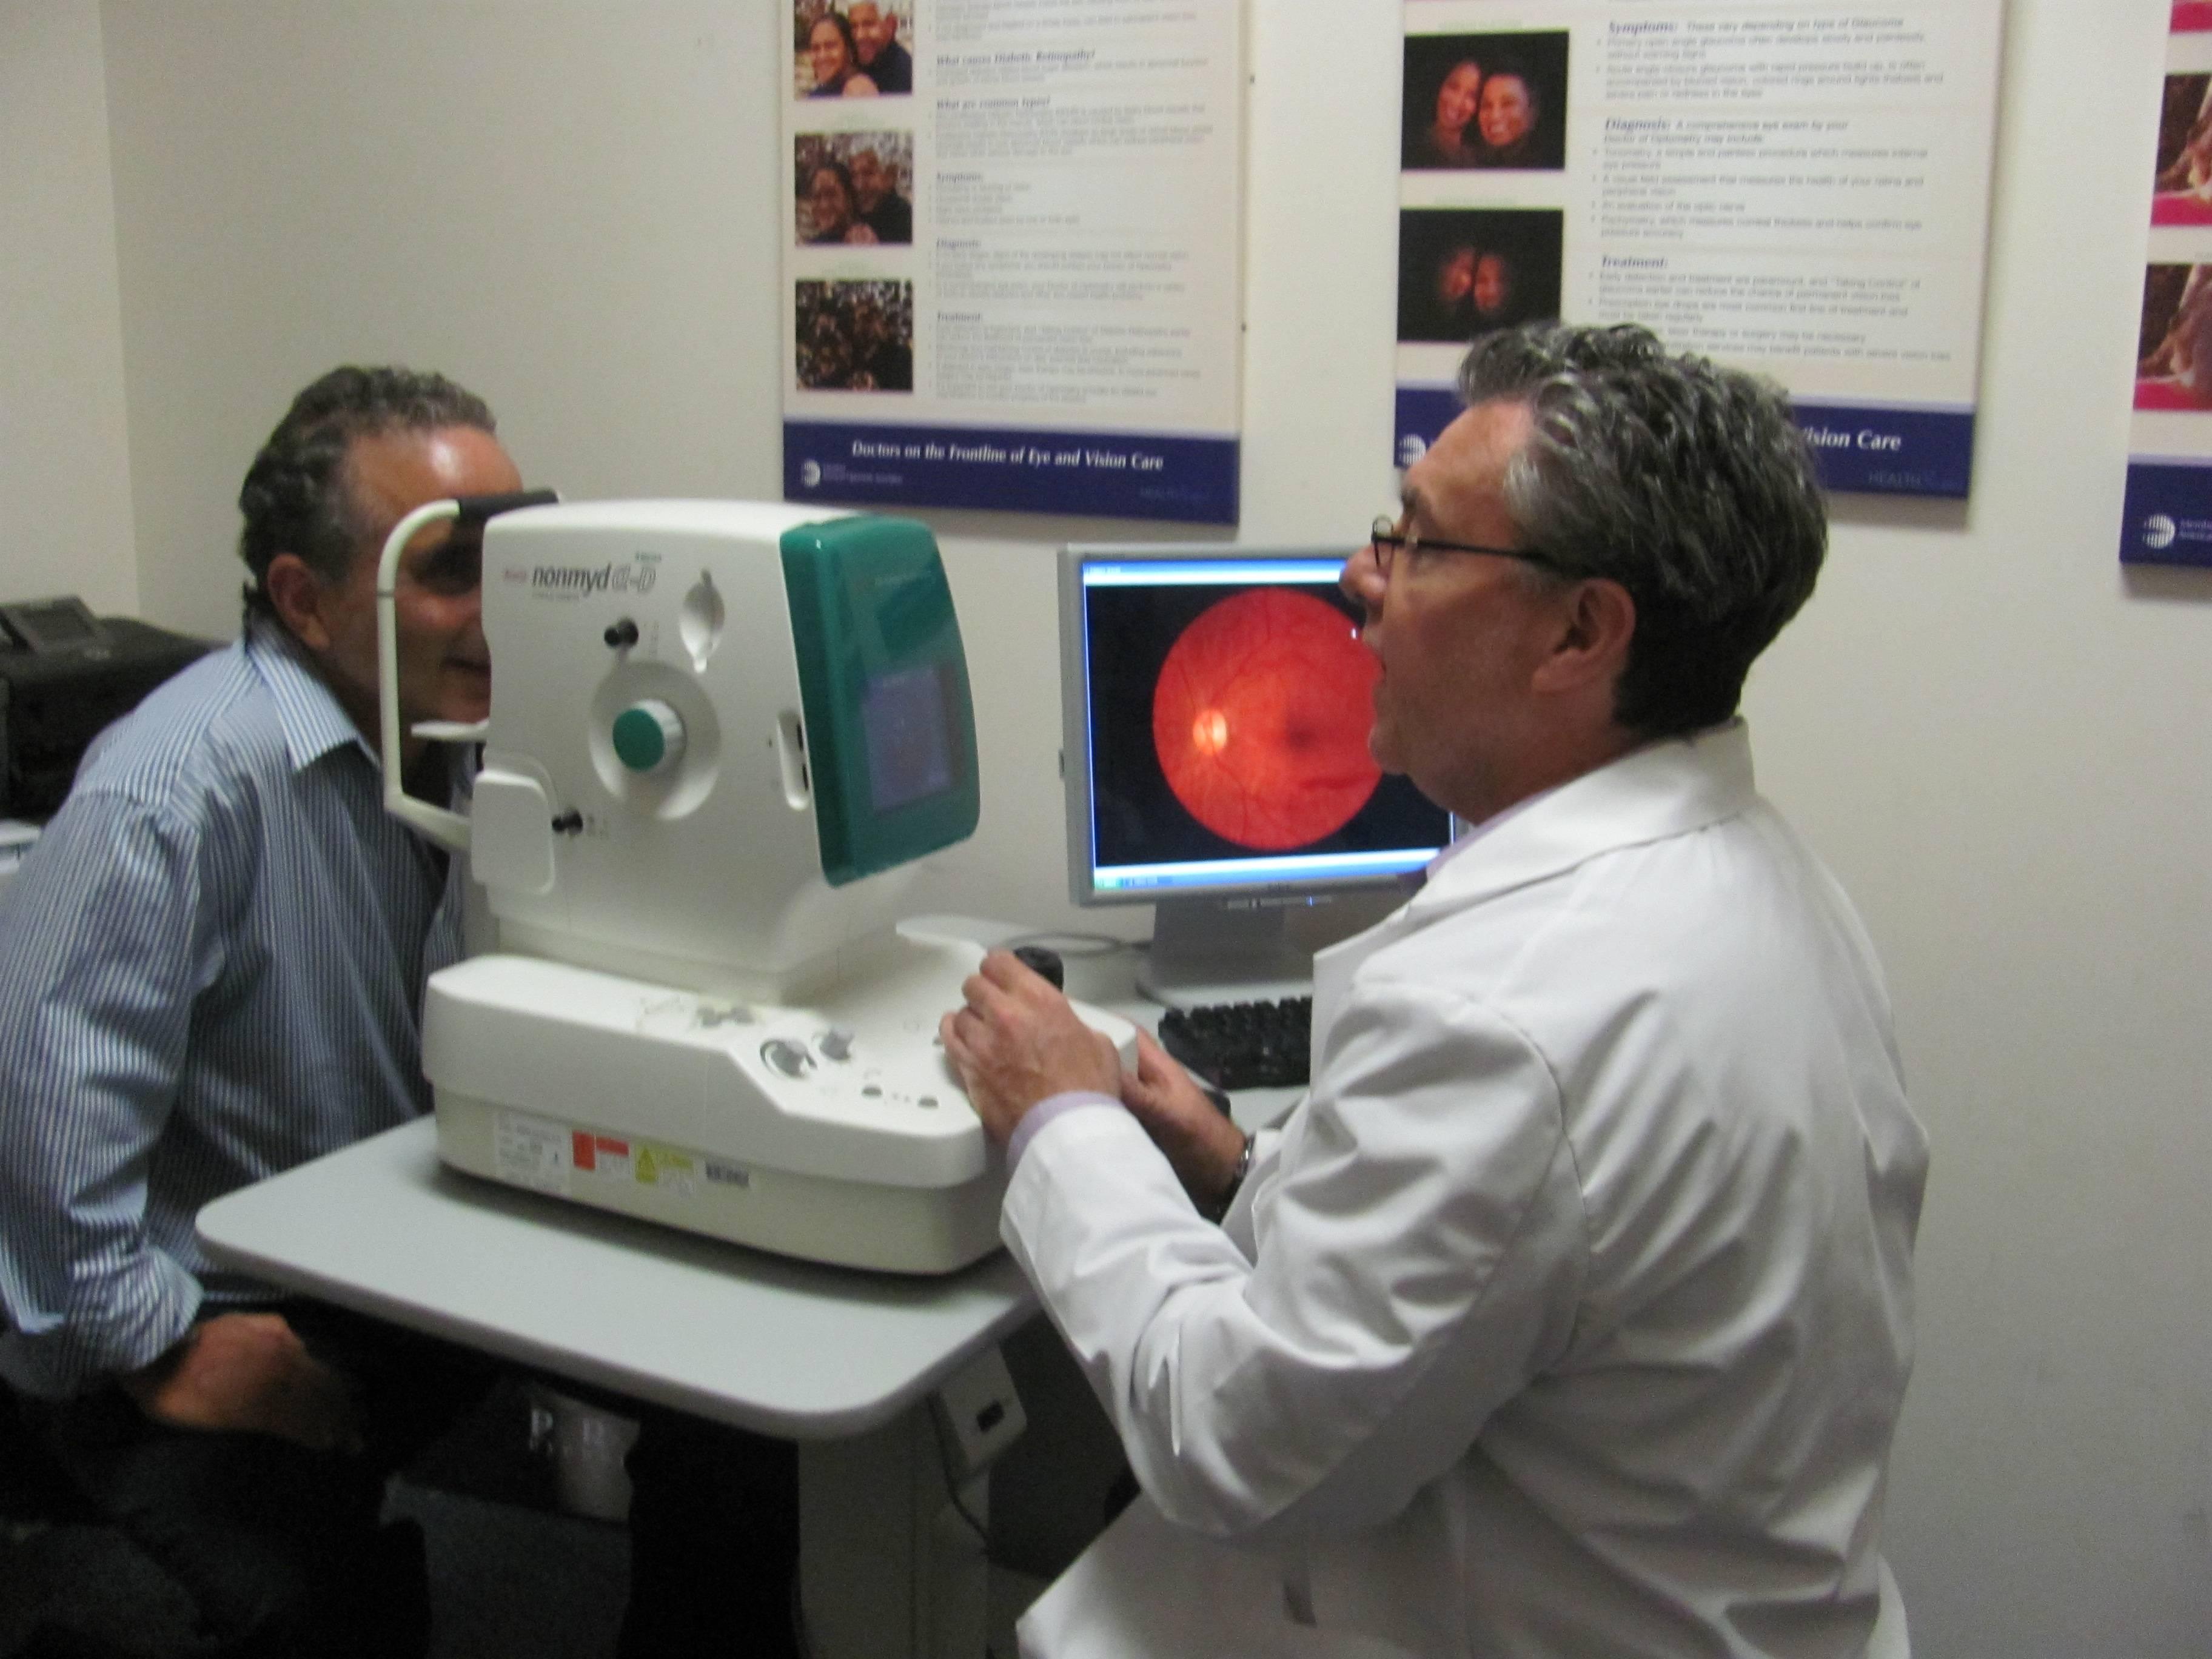 digital retinal camera at Edison eye doctor